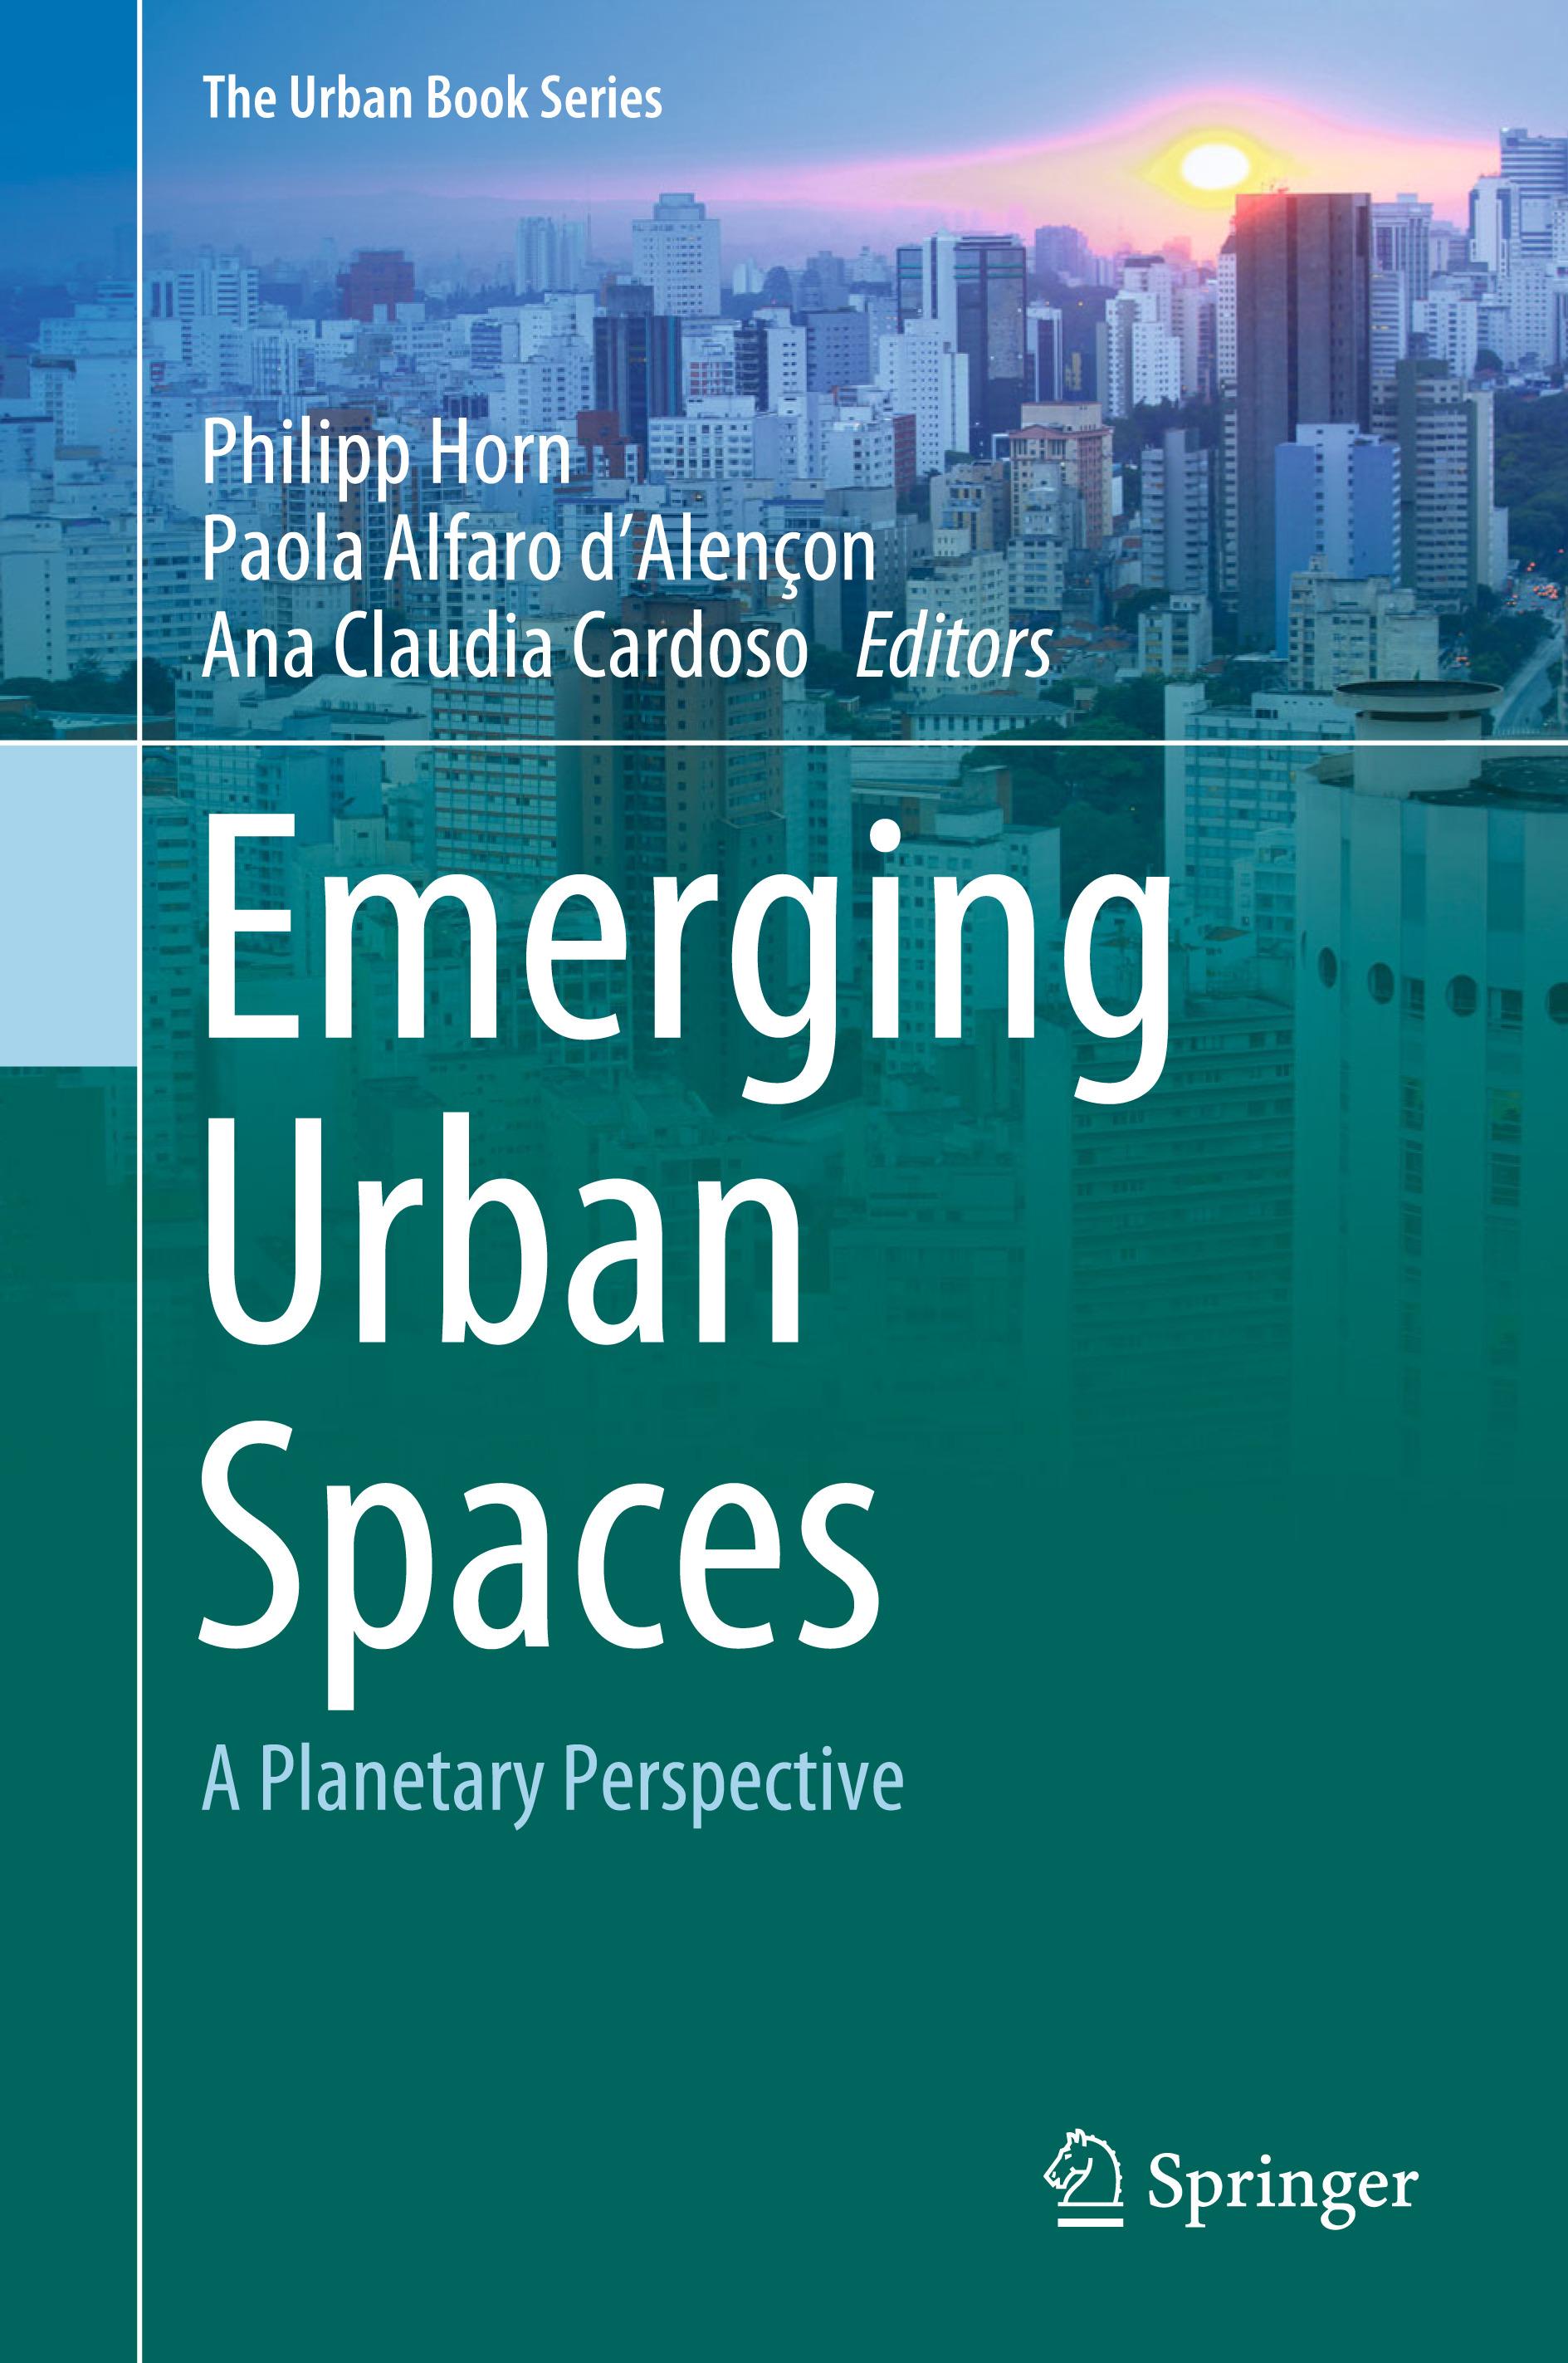 Cardoso, Ana Claudia Duarte - Emerging Urban Spaces, ebook